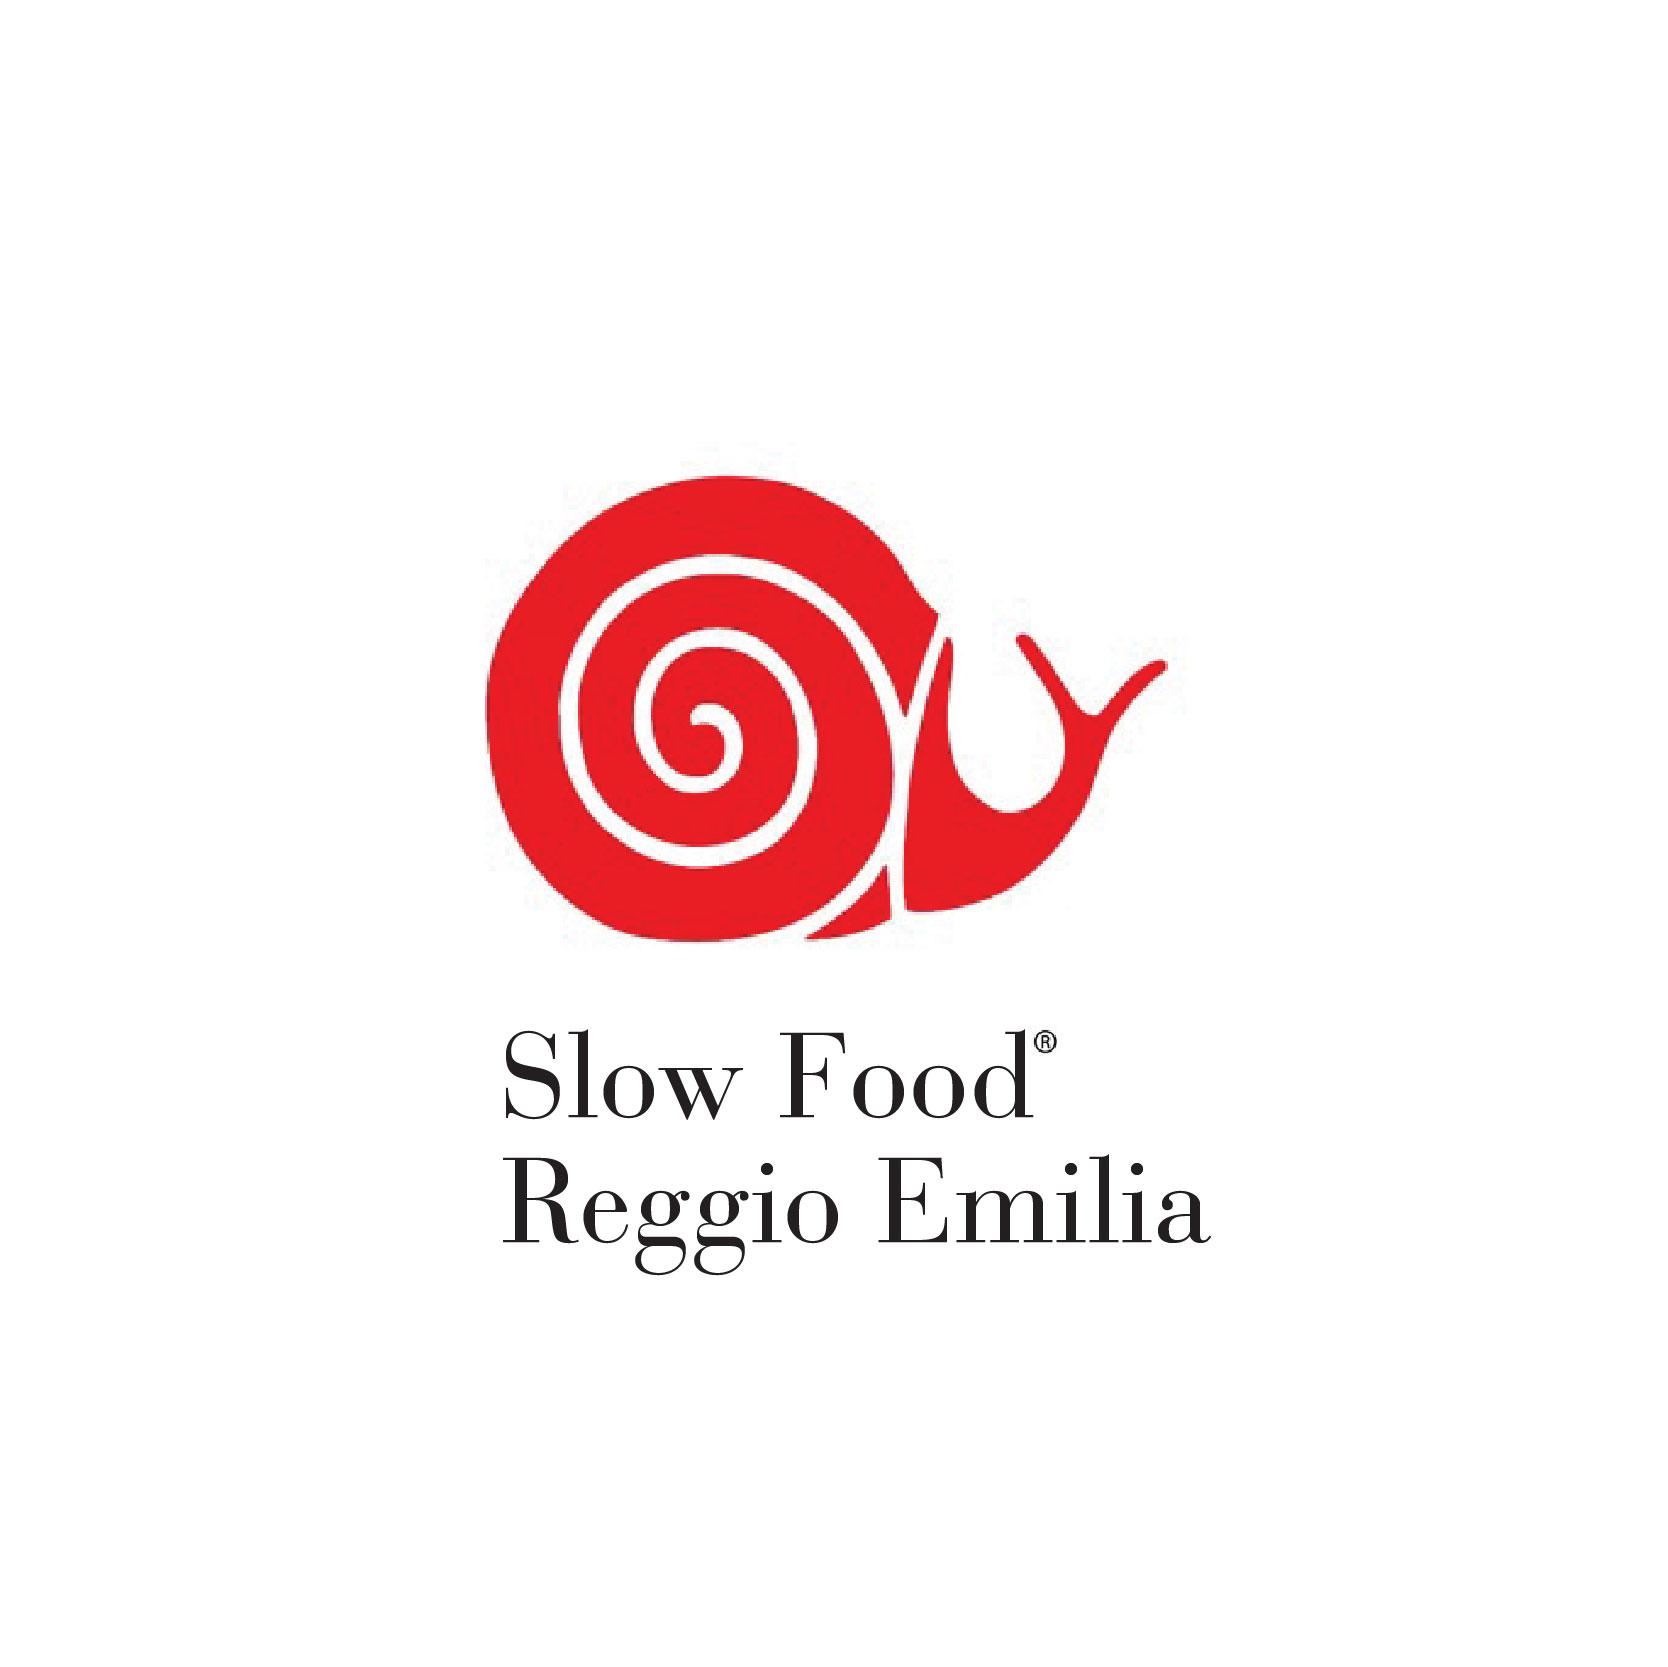 Slow Food Reggio Emilia